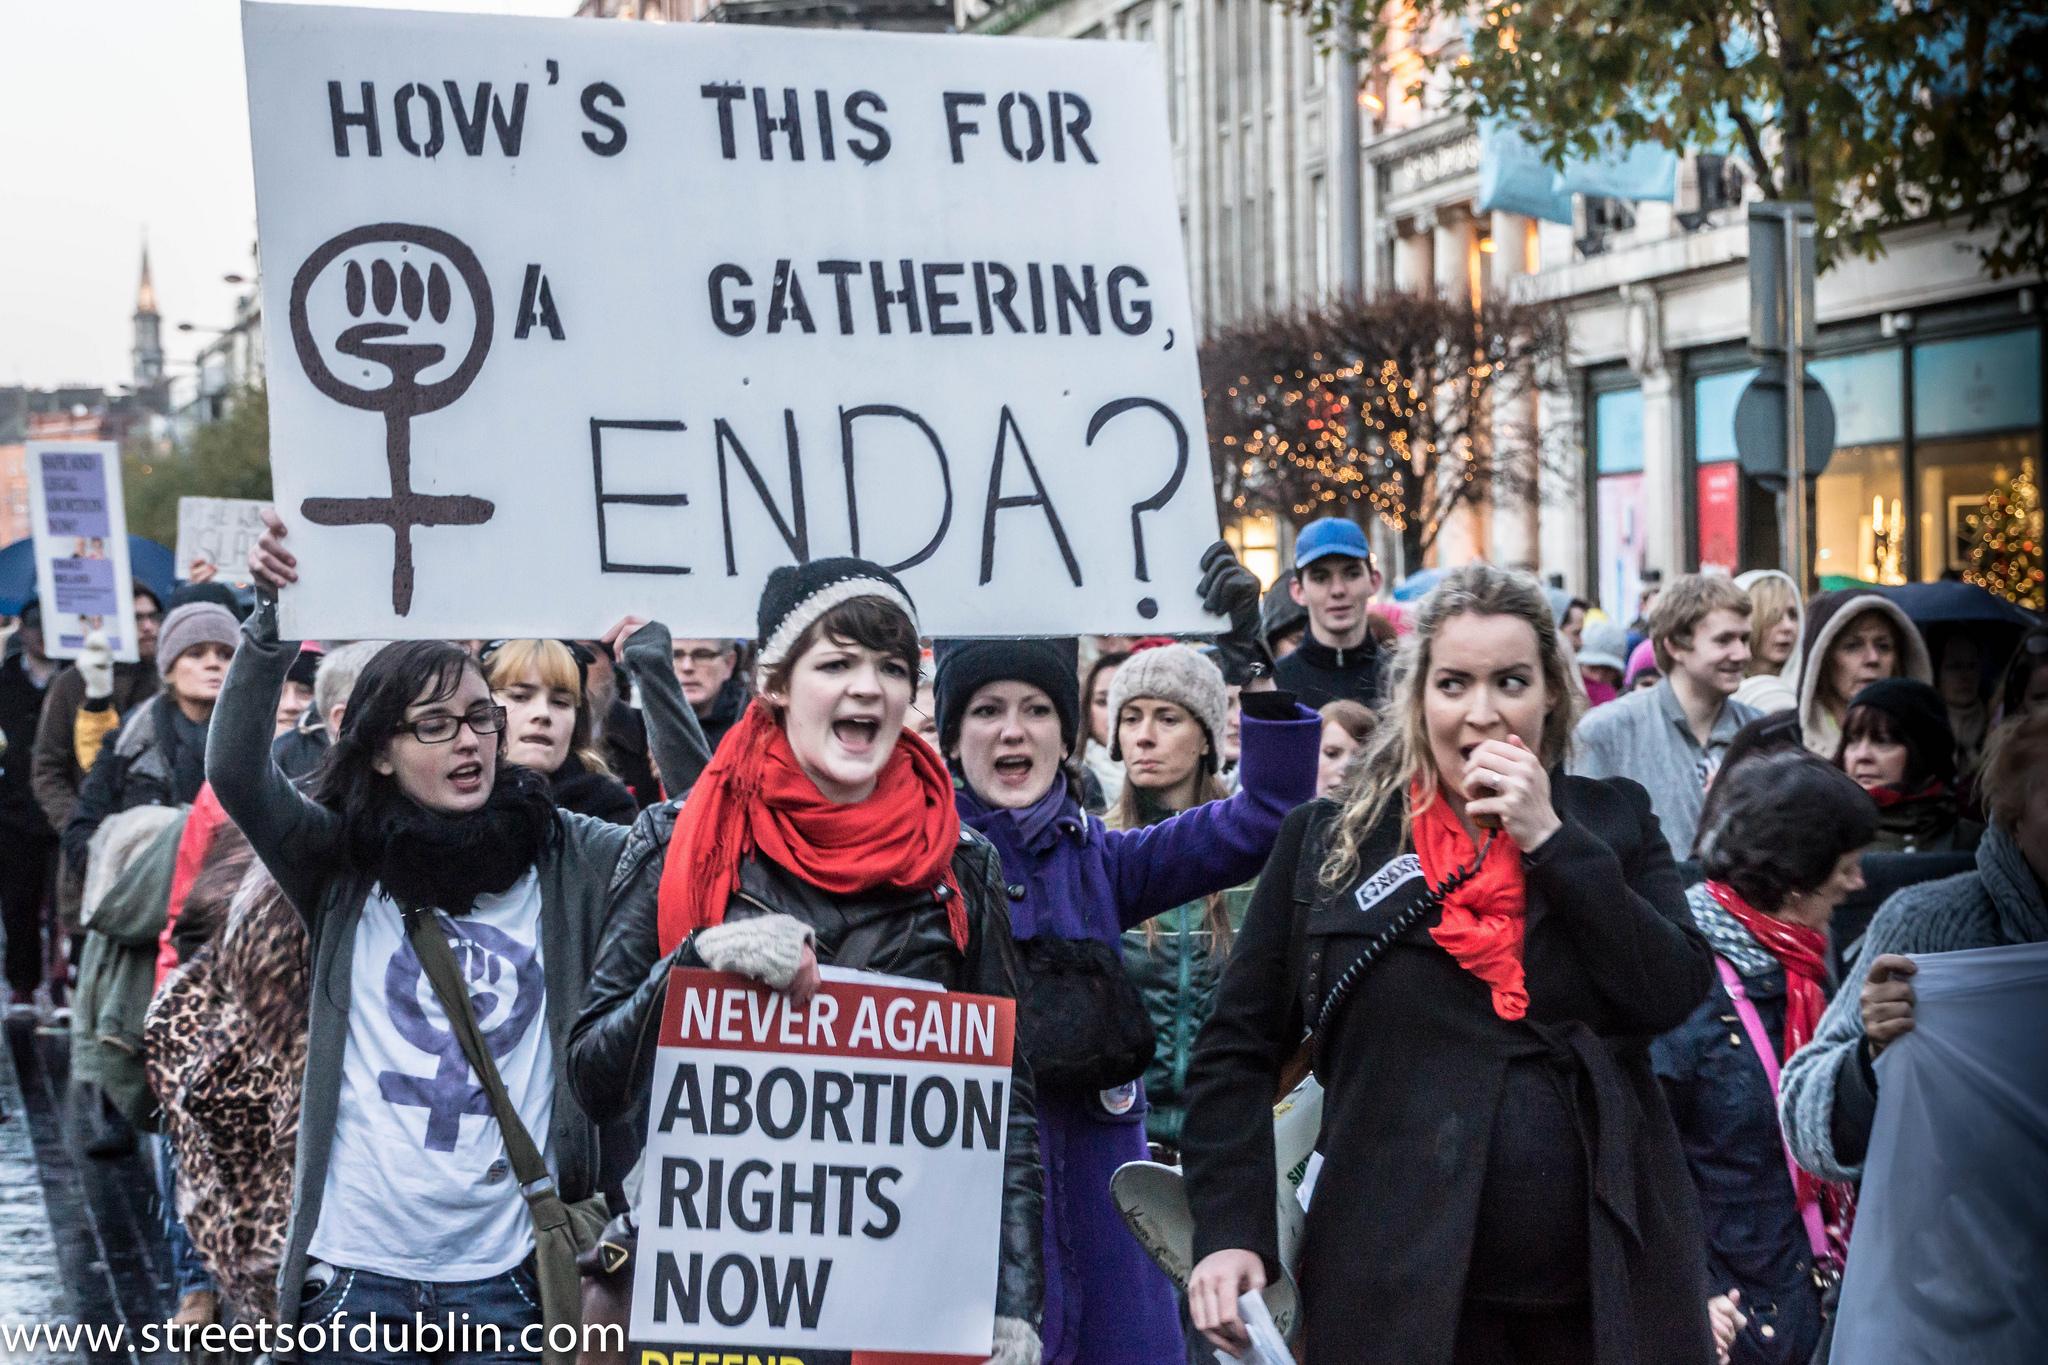 네덜란드의 임신중단(낙태)법 제정 배경과 관련 지원받을 수 있는 약들